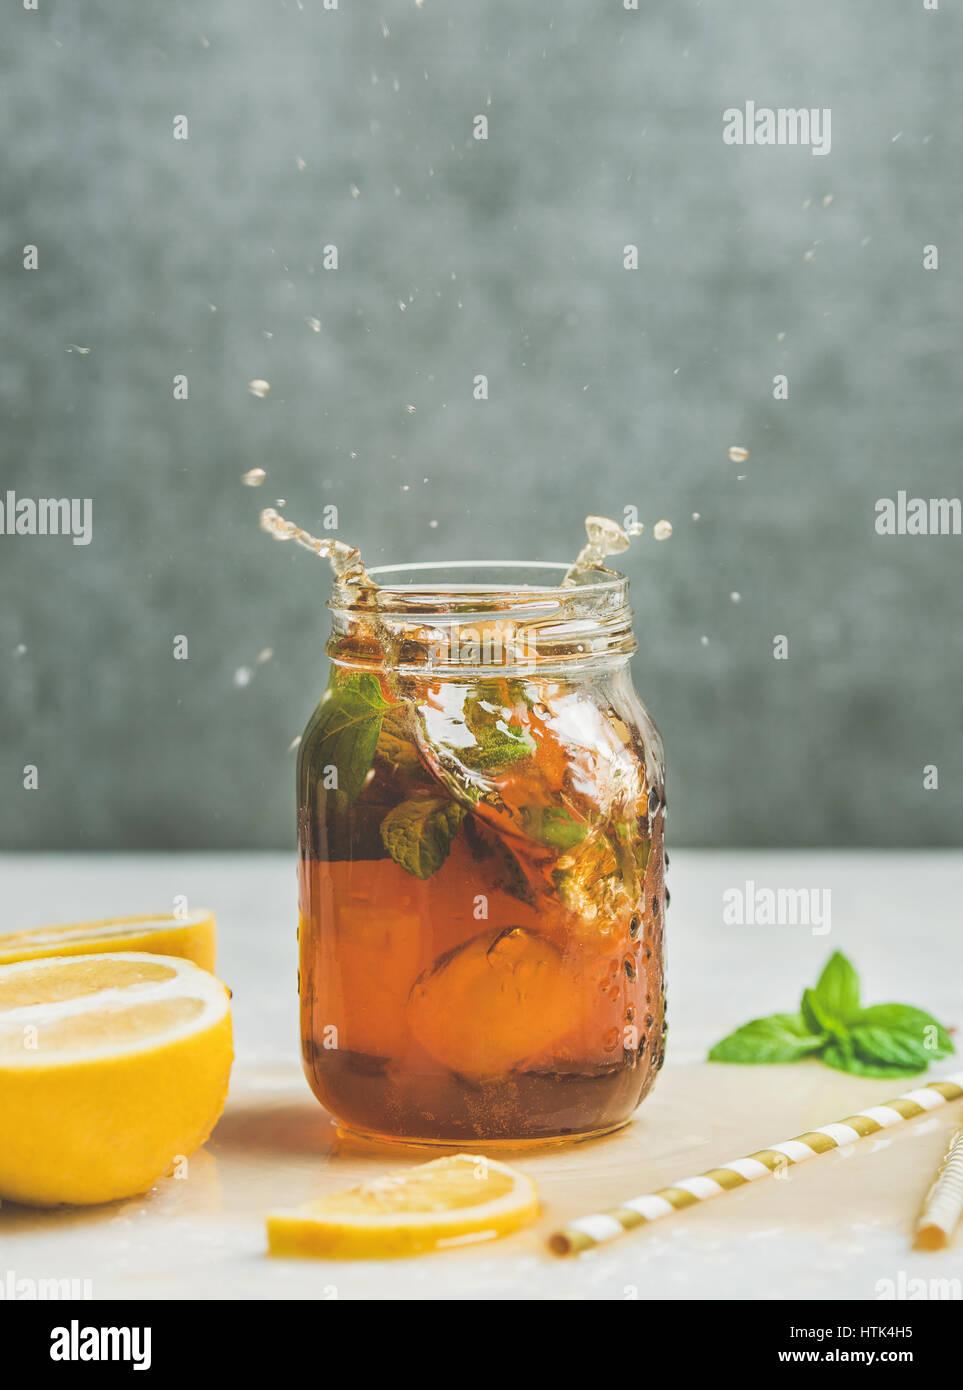 El verano té helado con limón y hierbas, espacio de copia Imagen De Stock